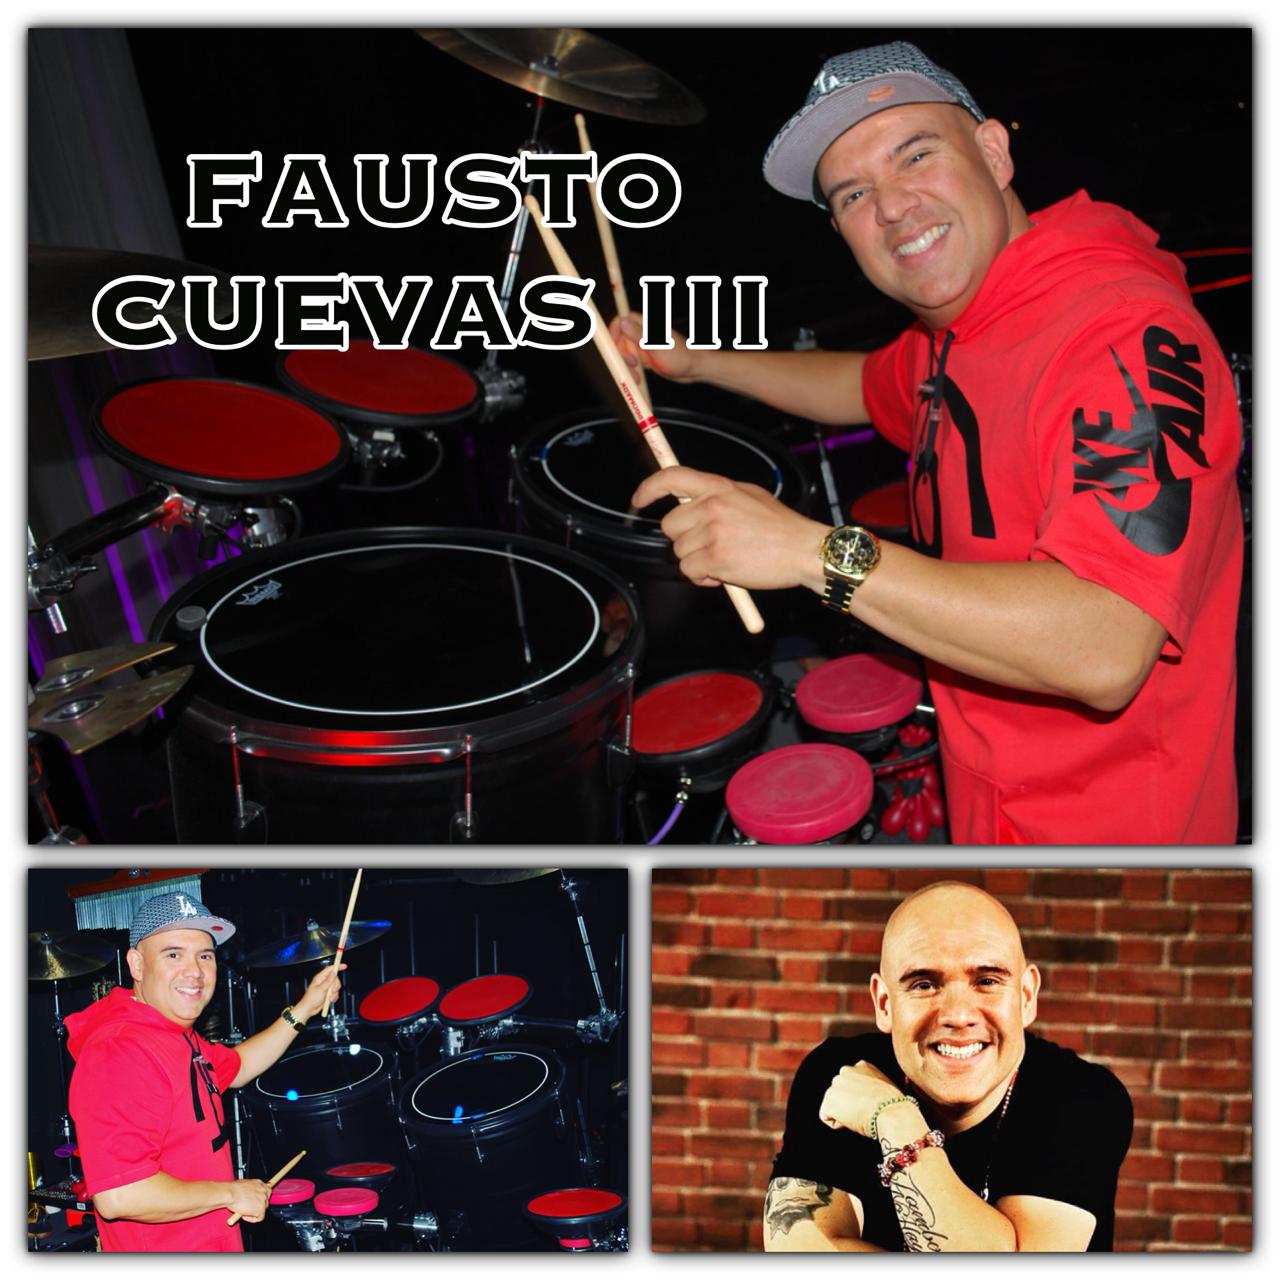 FAUSTO CUEVAS